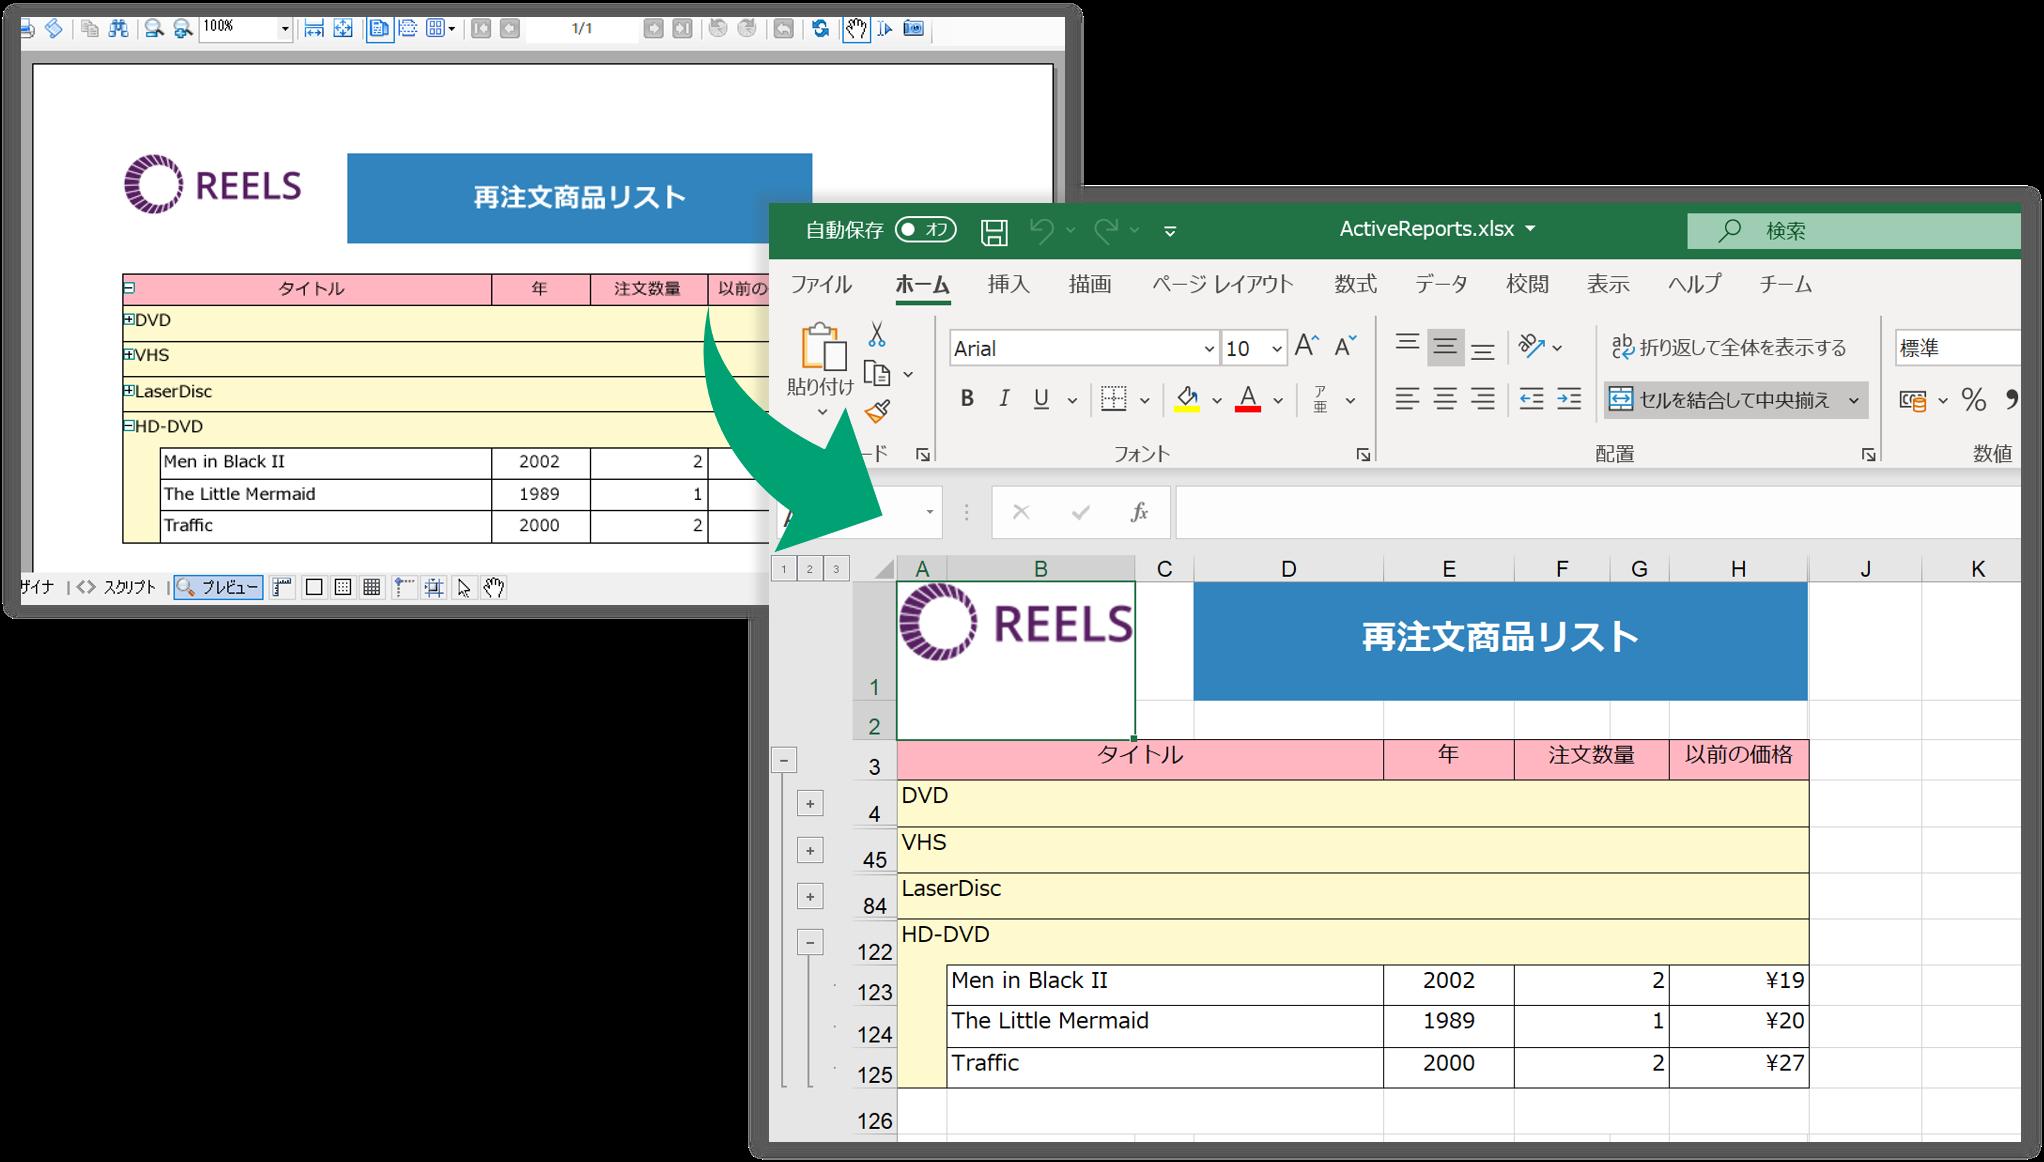 ドリルダウンレポートをExcelのアウトラインとしてエクスポート可能に